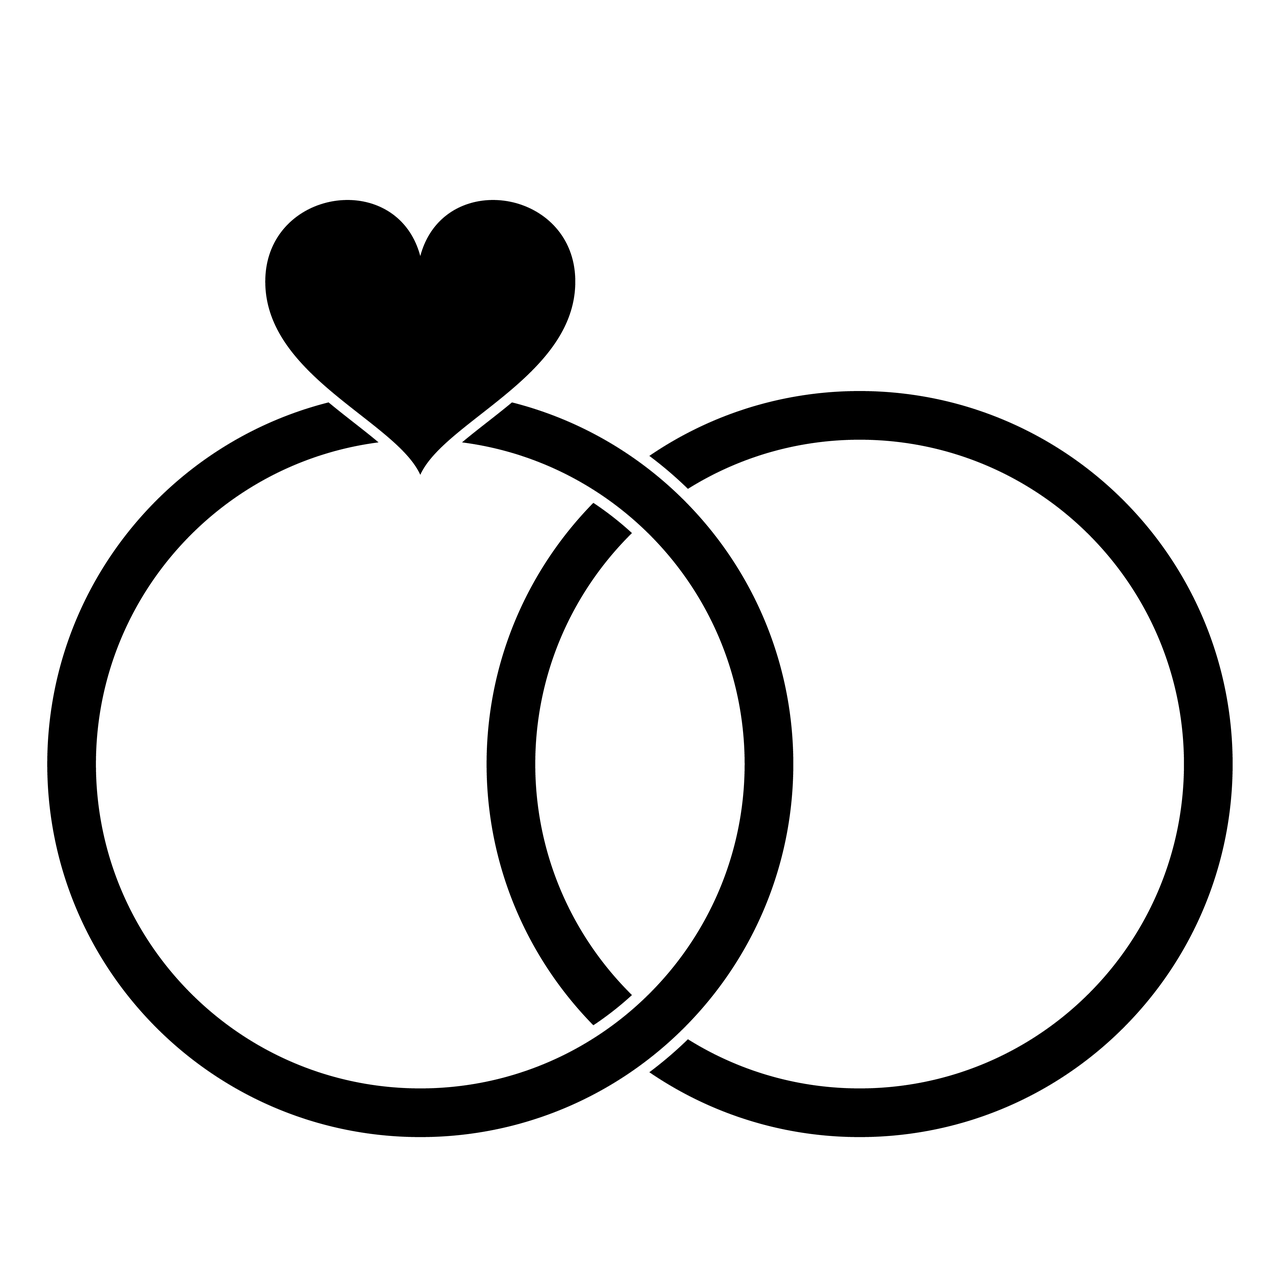 Свадебная картинка с кольцами черно белая